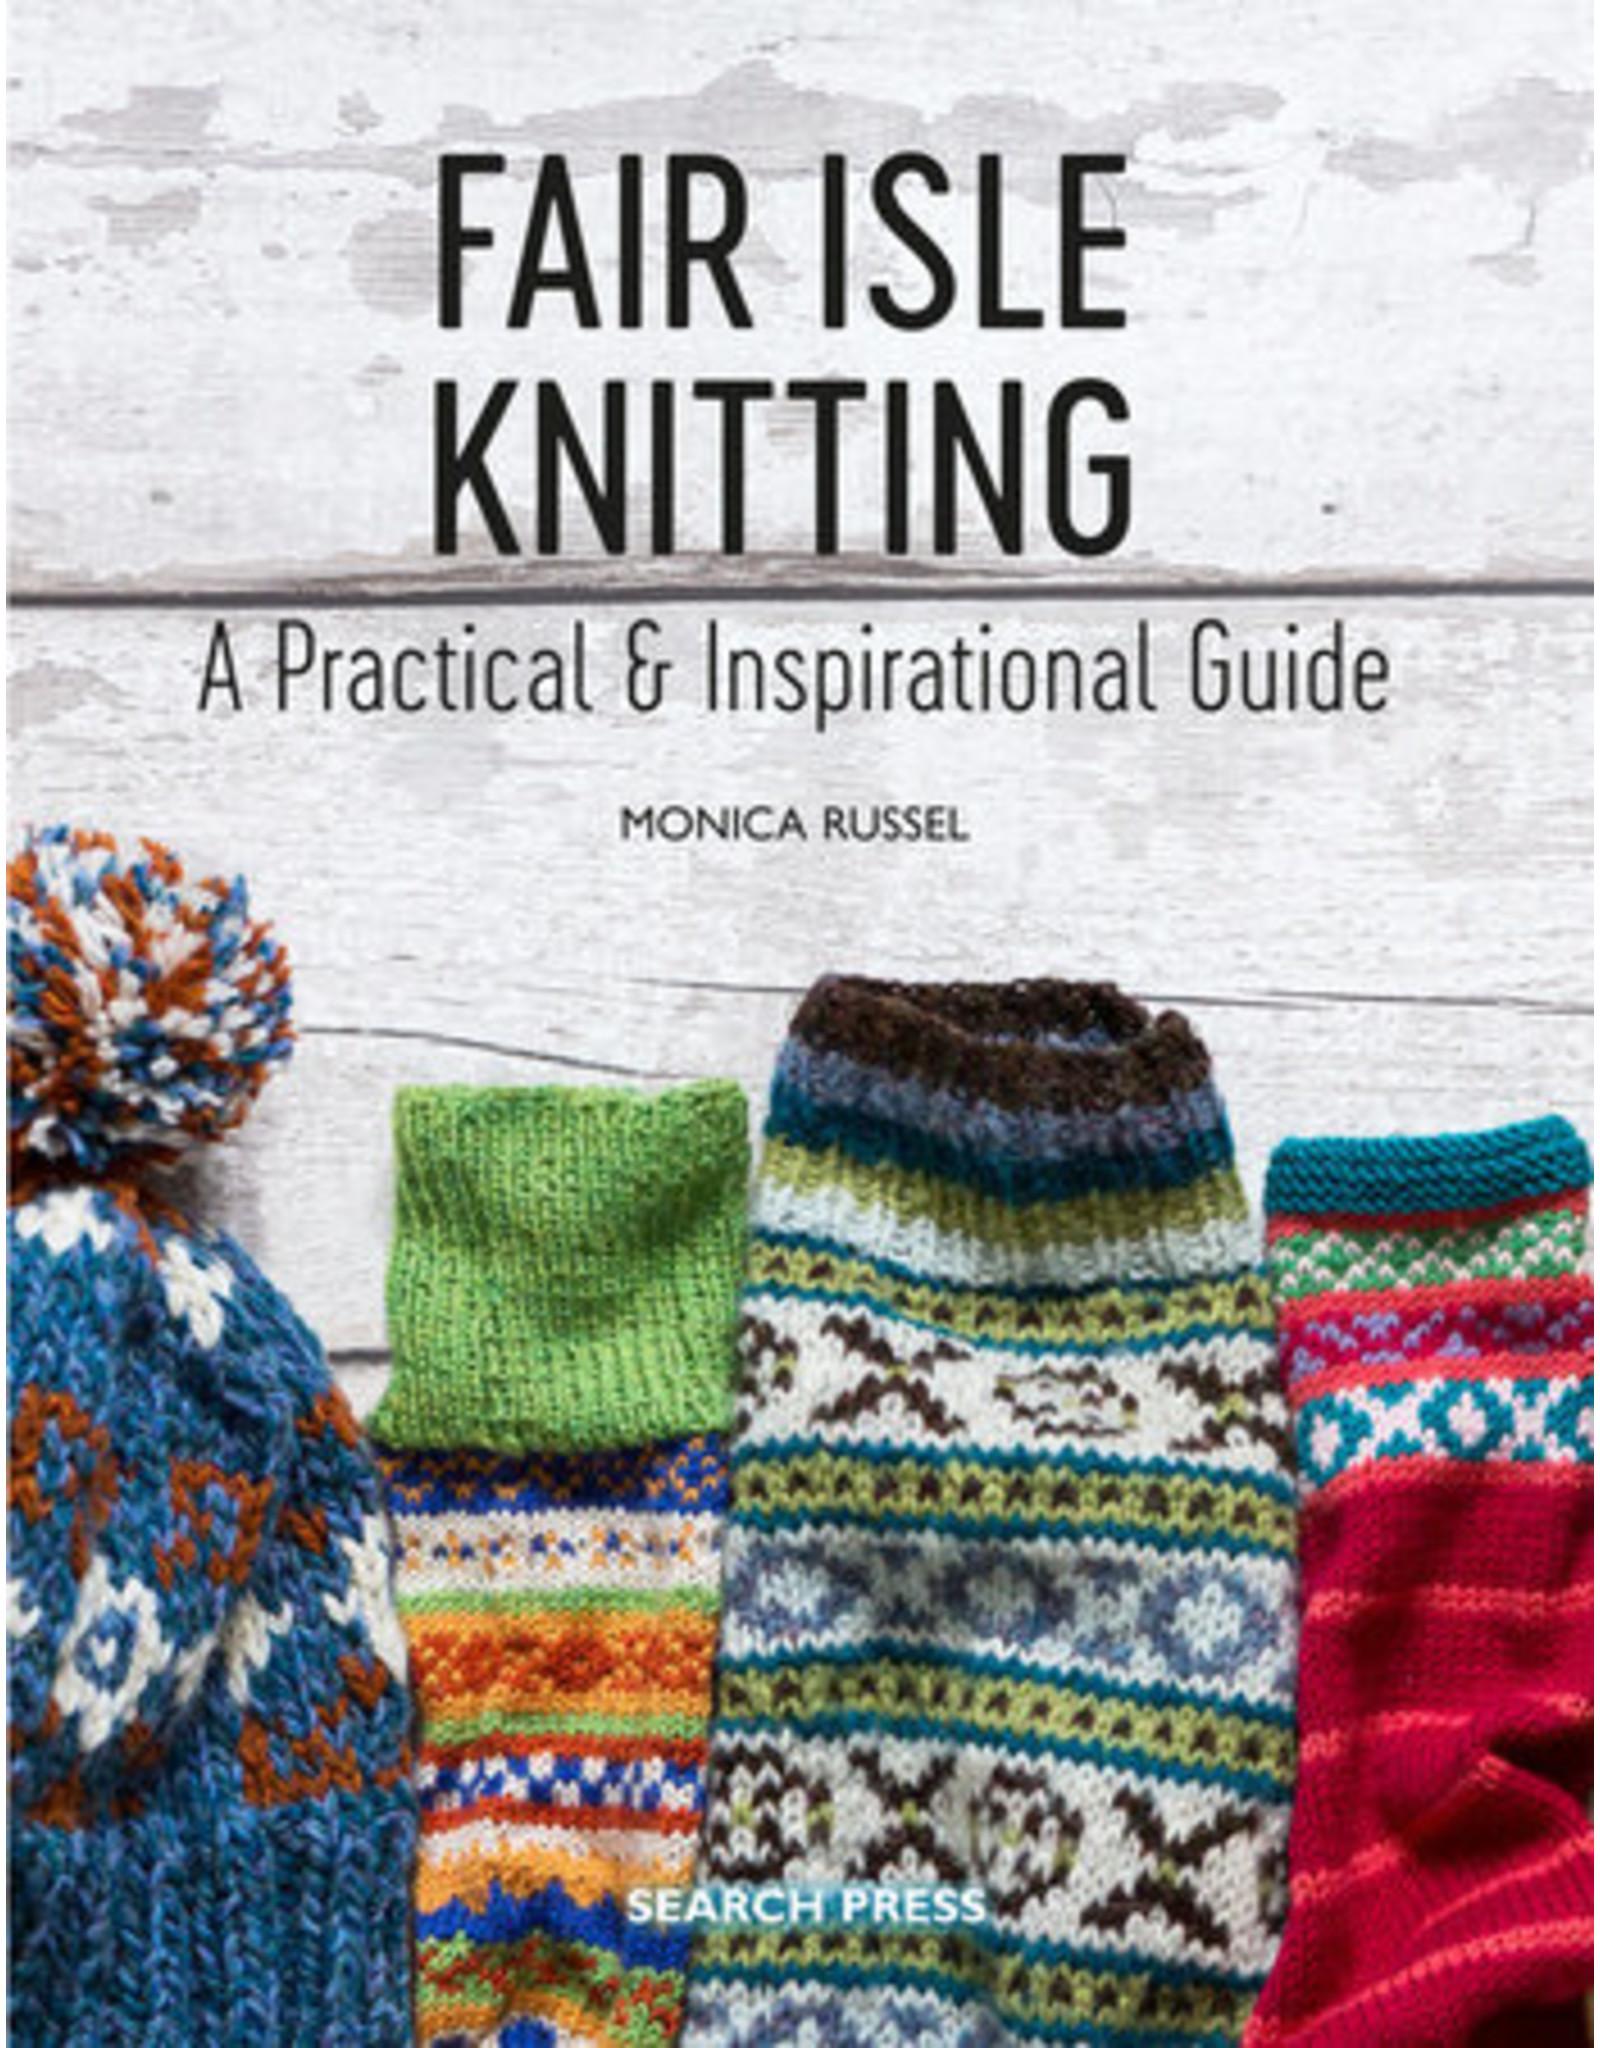 Fair Isle Knitting - Monica Russel - Guide